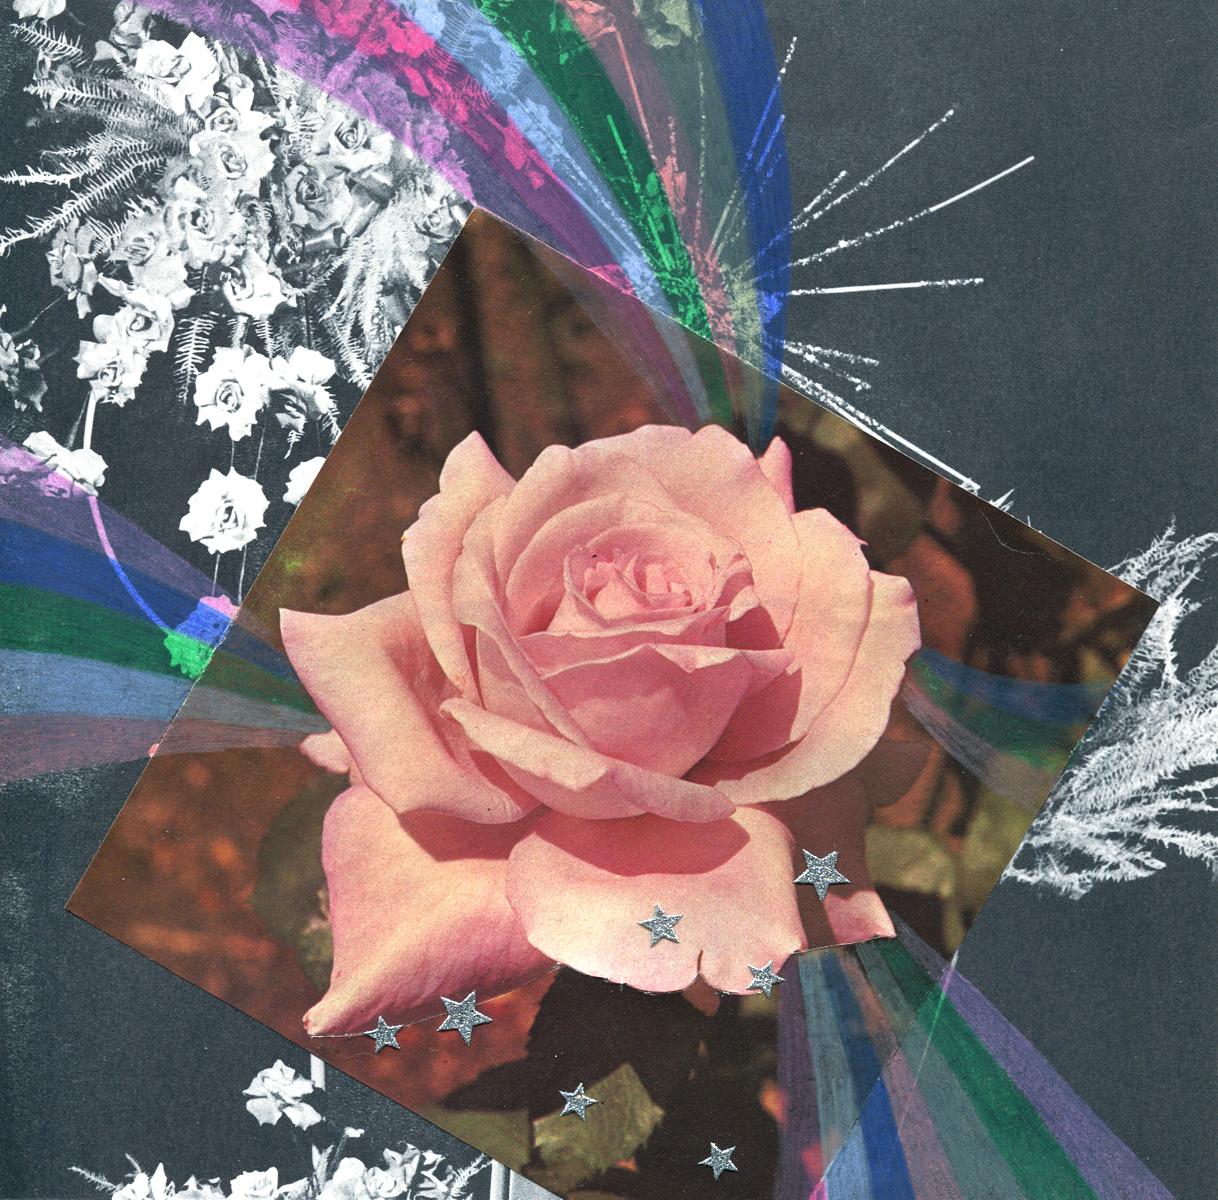 Rainbow Rose Garden #7, collage, found paper, pencil